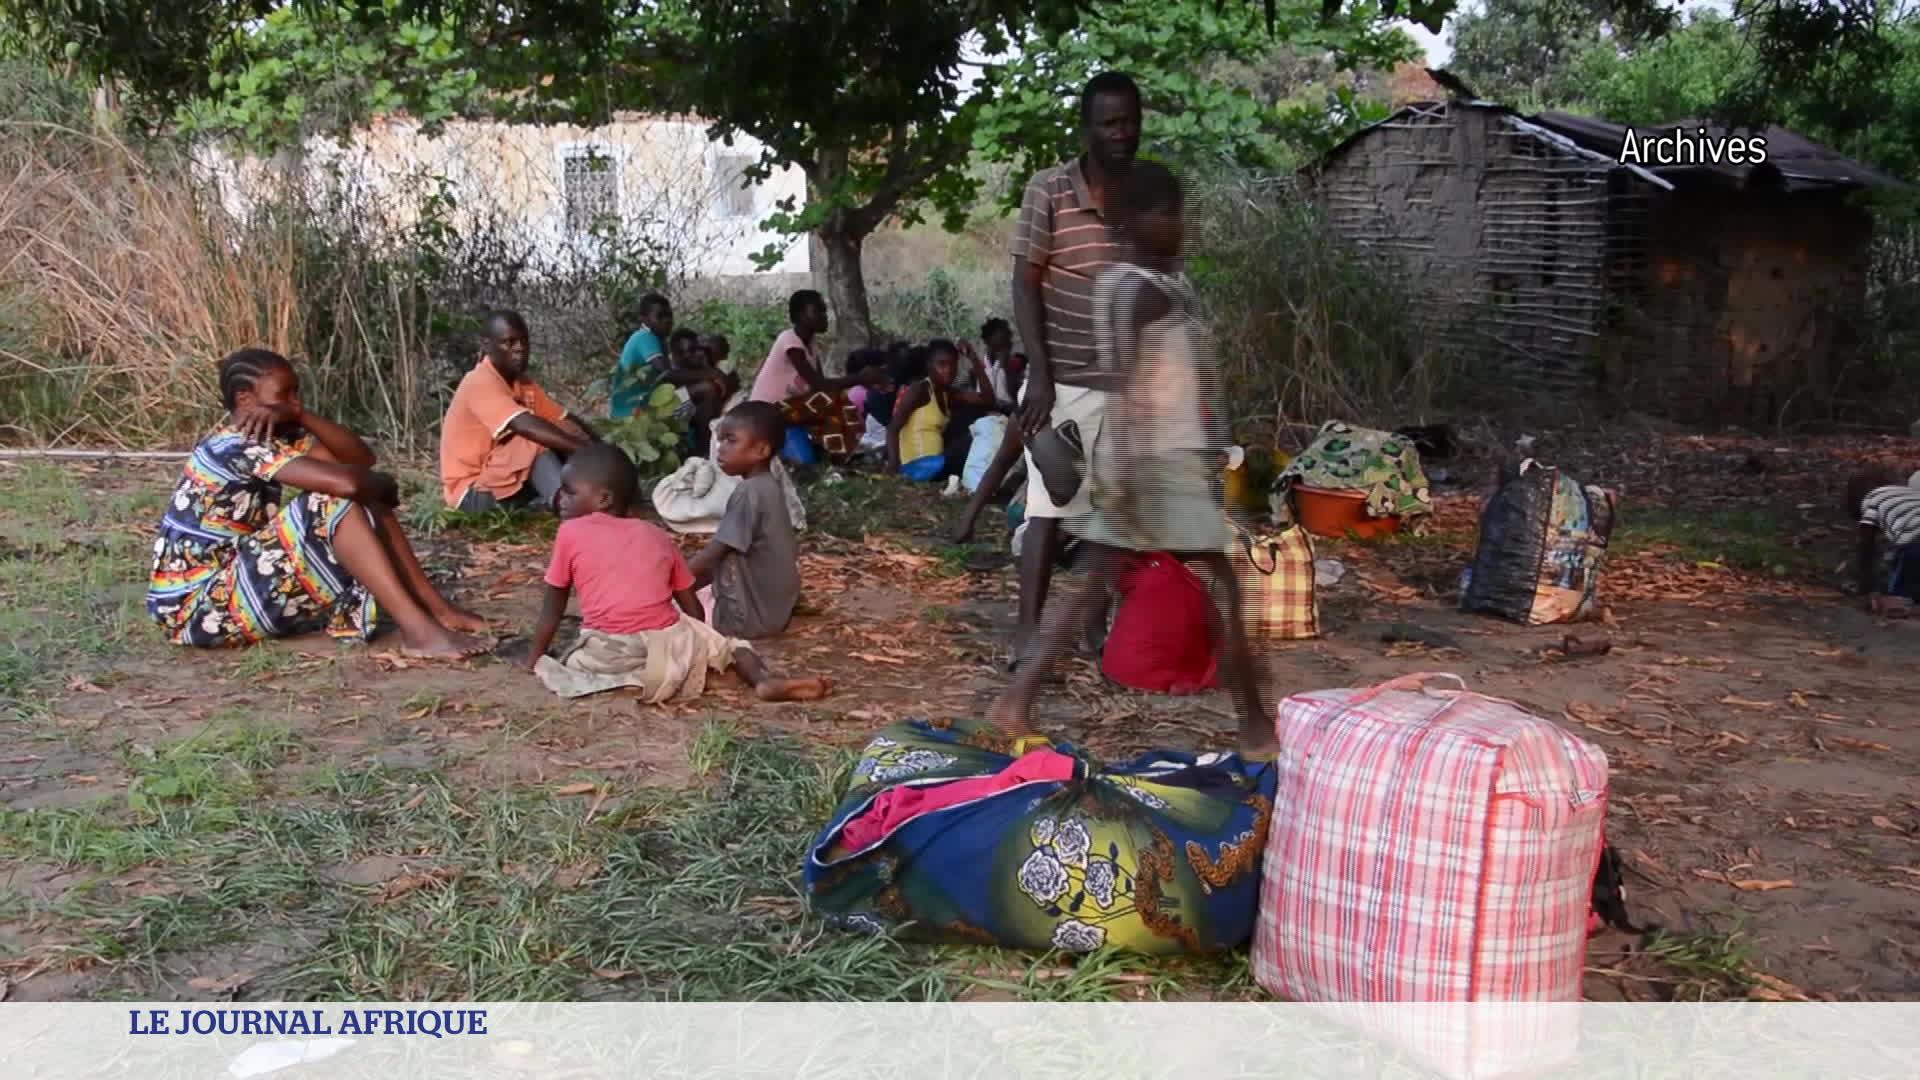 La crise au Congo Brazzaville